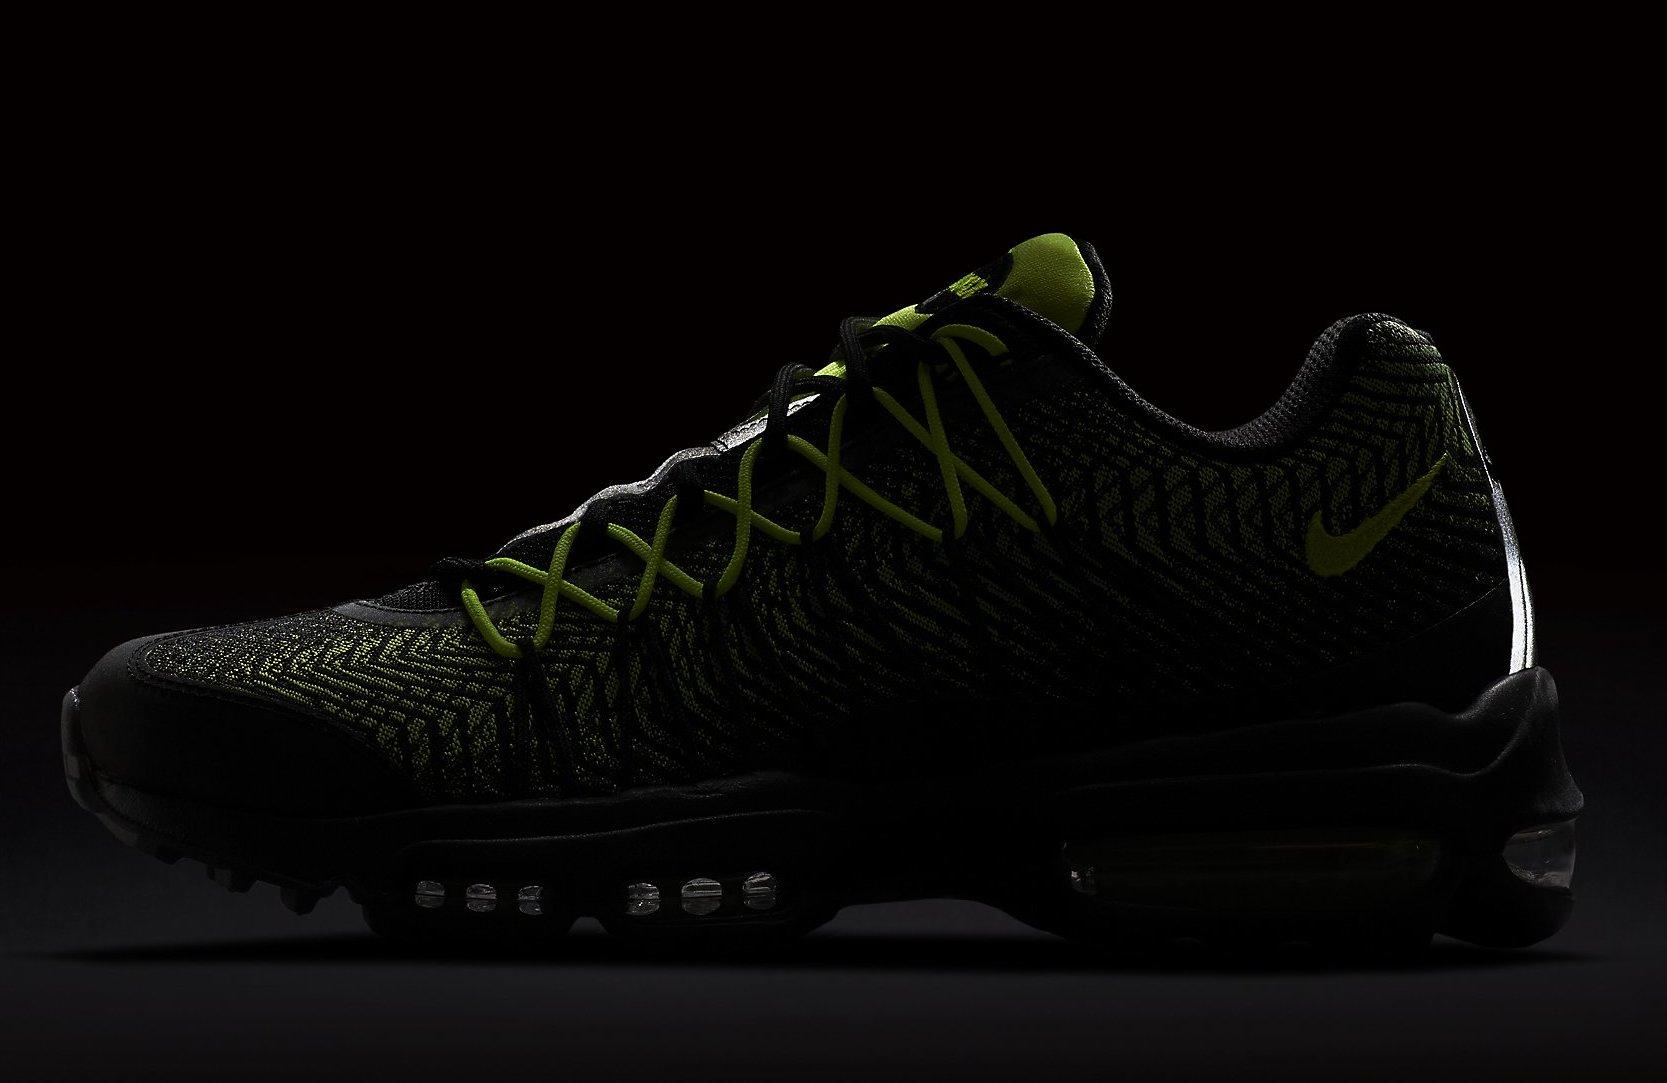 6d2f3c01d34 Nike Air Max 95 Ultra Jacquard (球鞋档案)